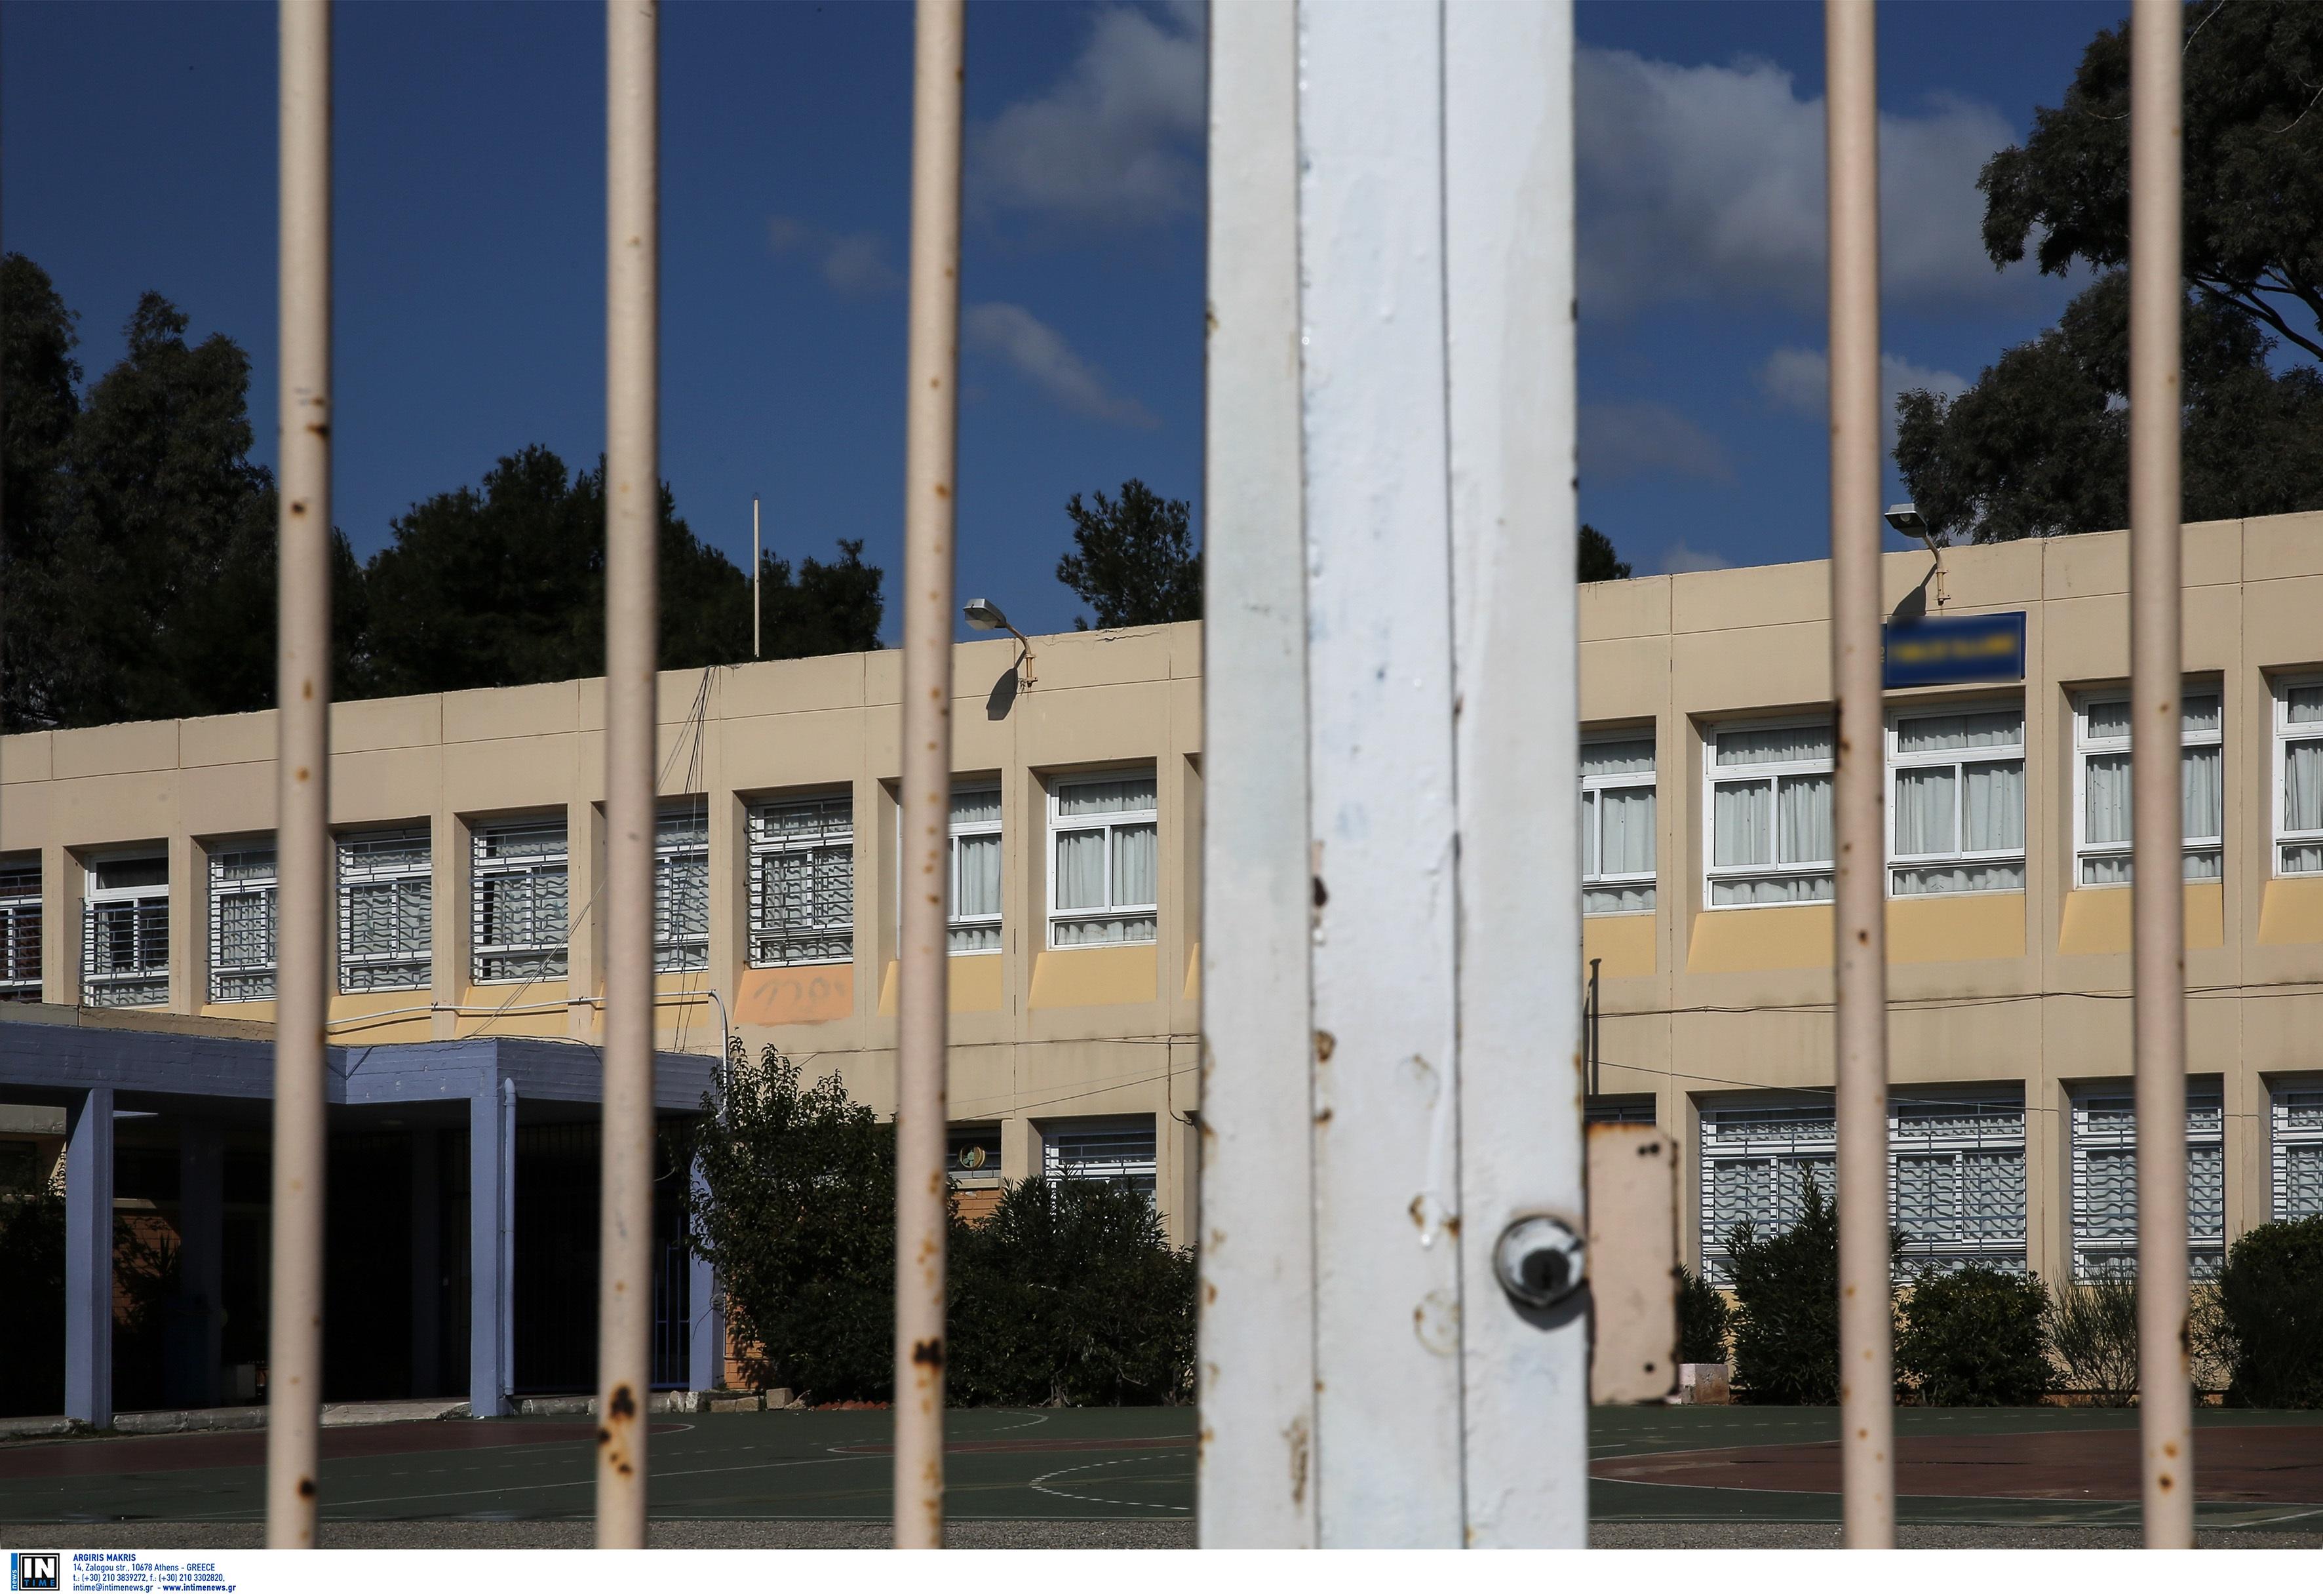 Αμπελόκηποι: Αδιανόητη ρατσιστική επίθεση πατέρα σε 11χρονο συμμαθητή της κόρης του!